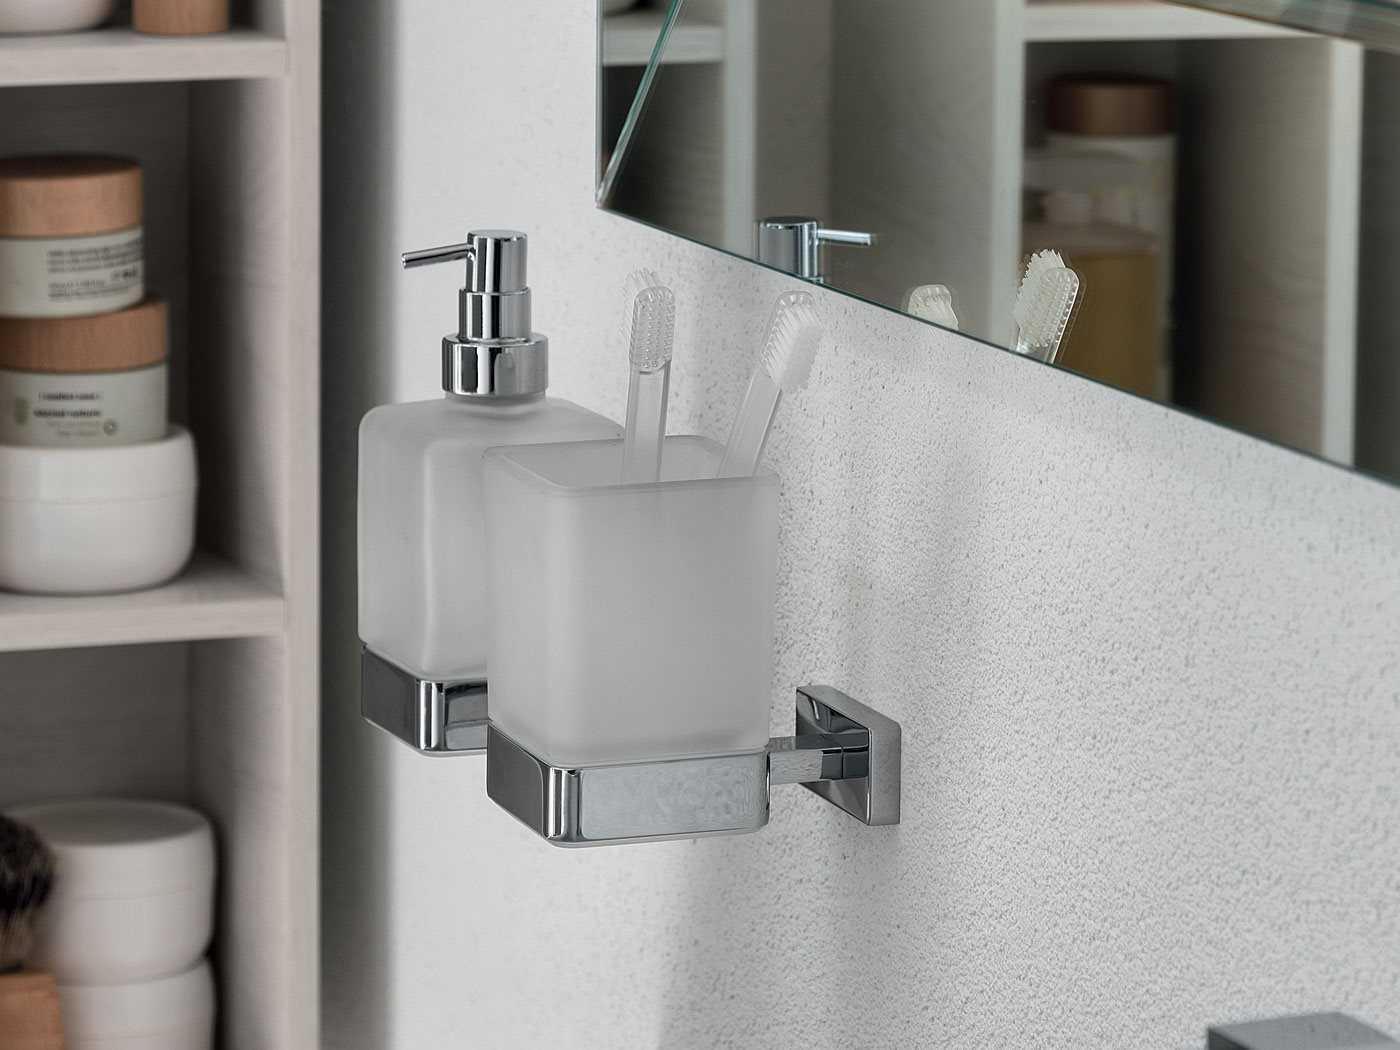 Sanitari & Arredo bagno Alto Adige - Lea accessori bagno di INDA